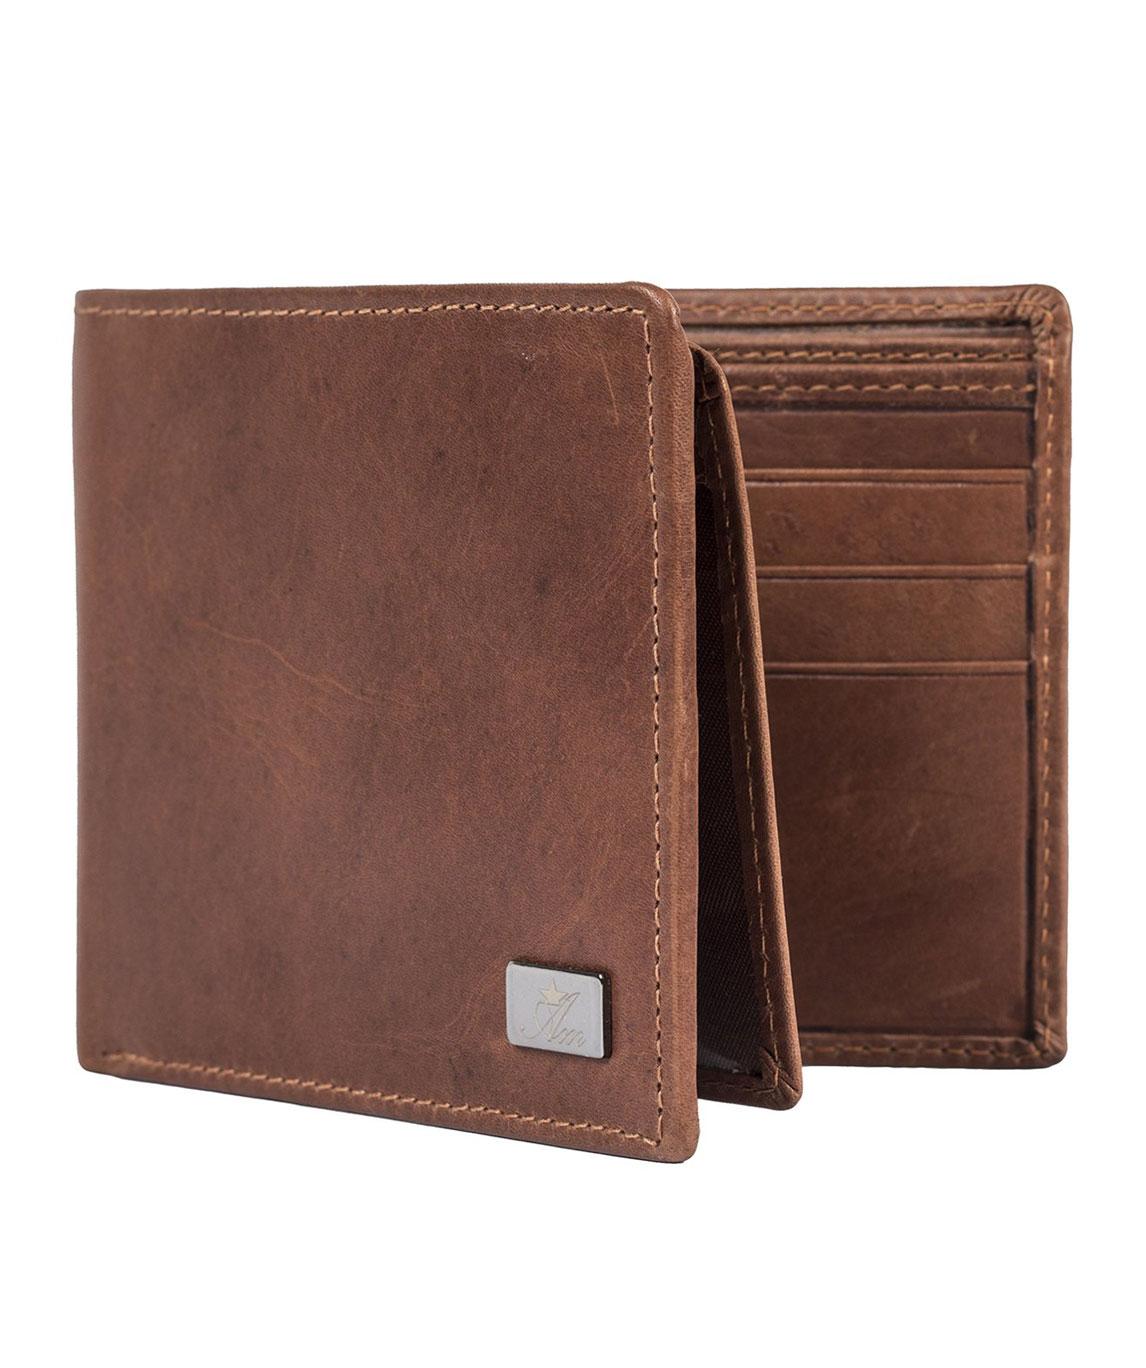 AM LEATHER Men`s RFID Safe Bi Fold Wallet (Brown)